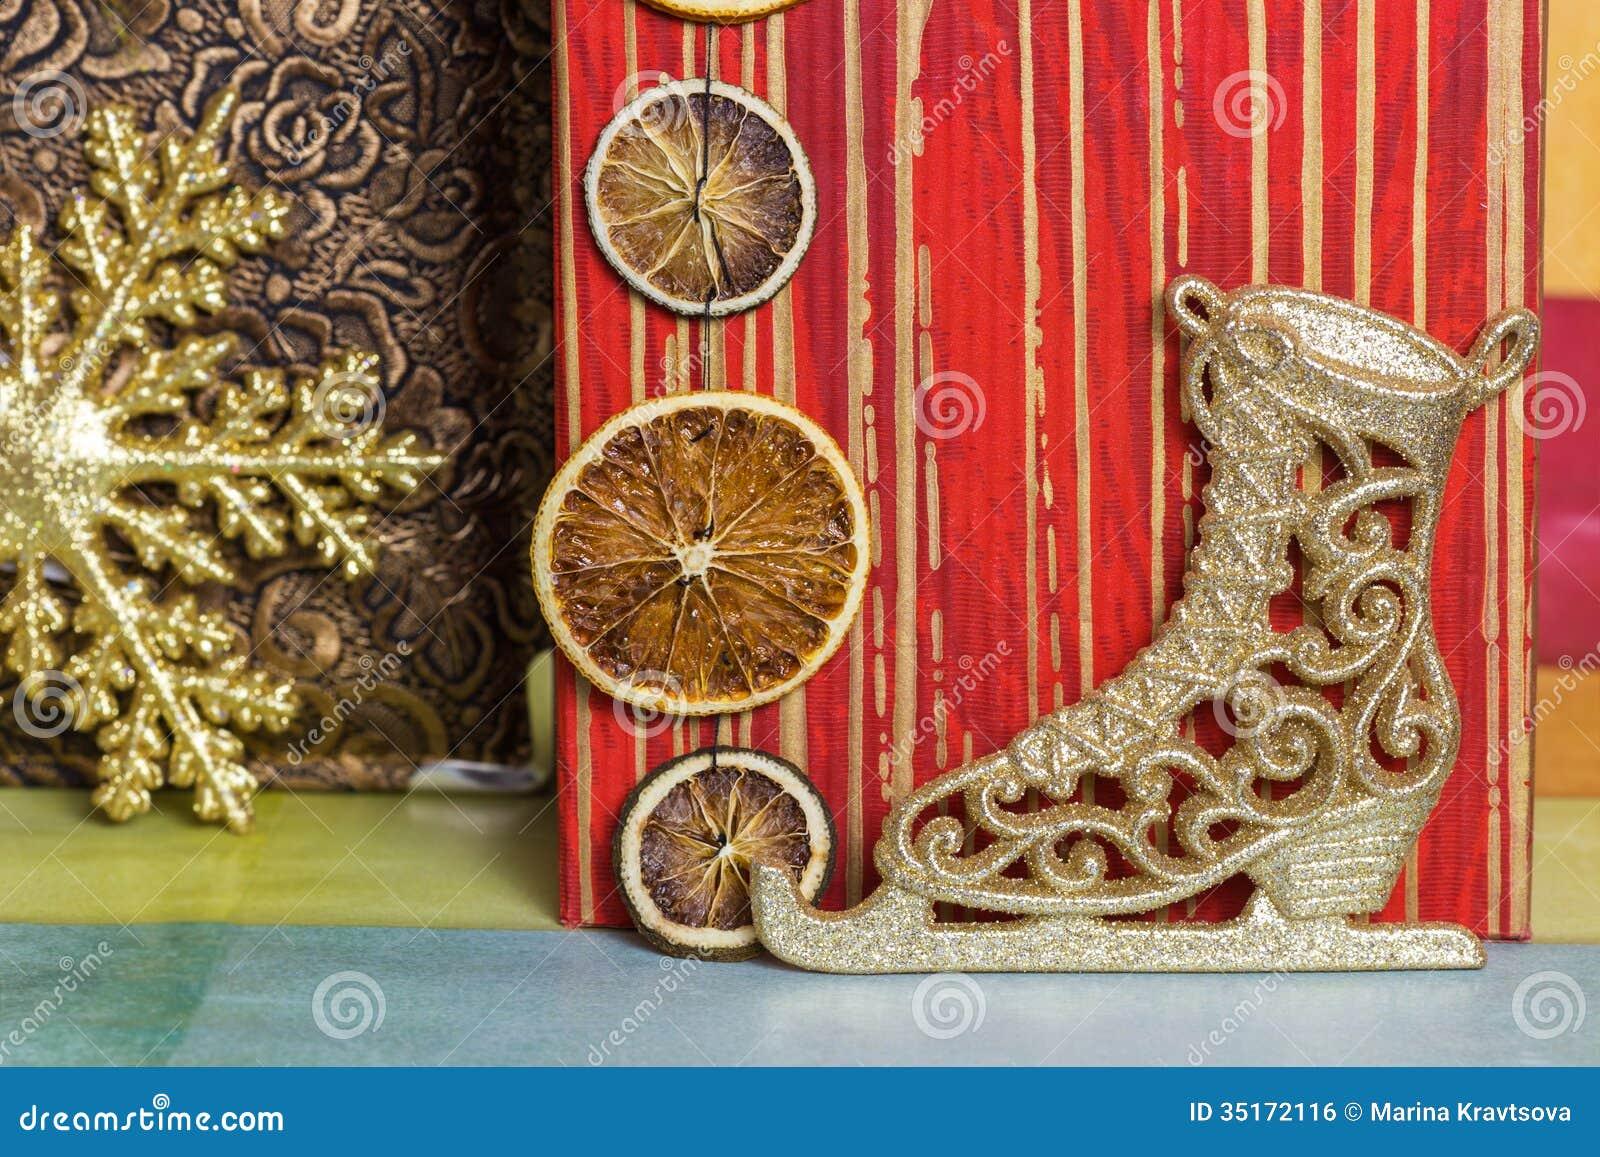 D coration de patin de glace de nouvelle ann e image libre de droits image 35172116 for Decoration glace